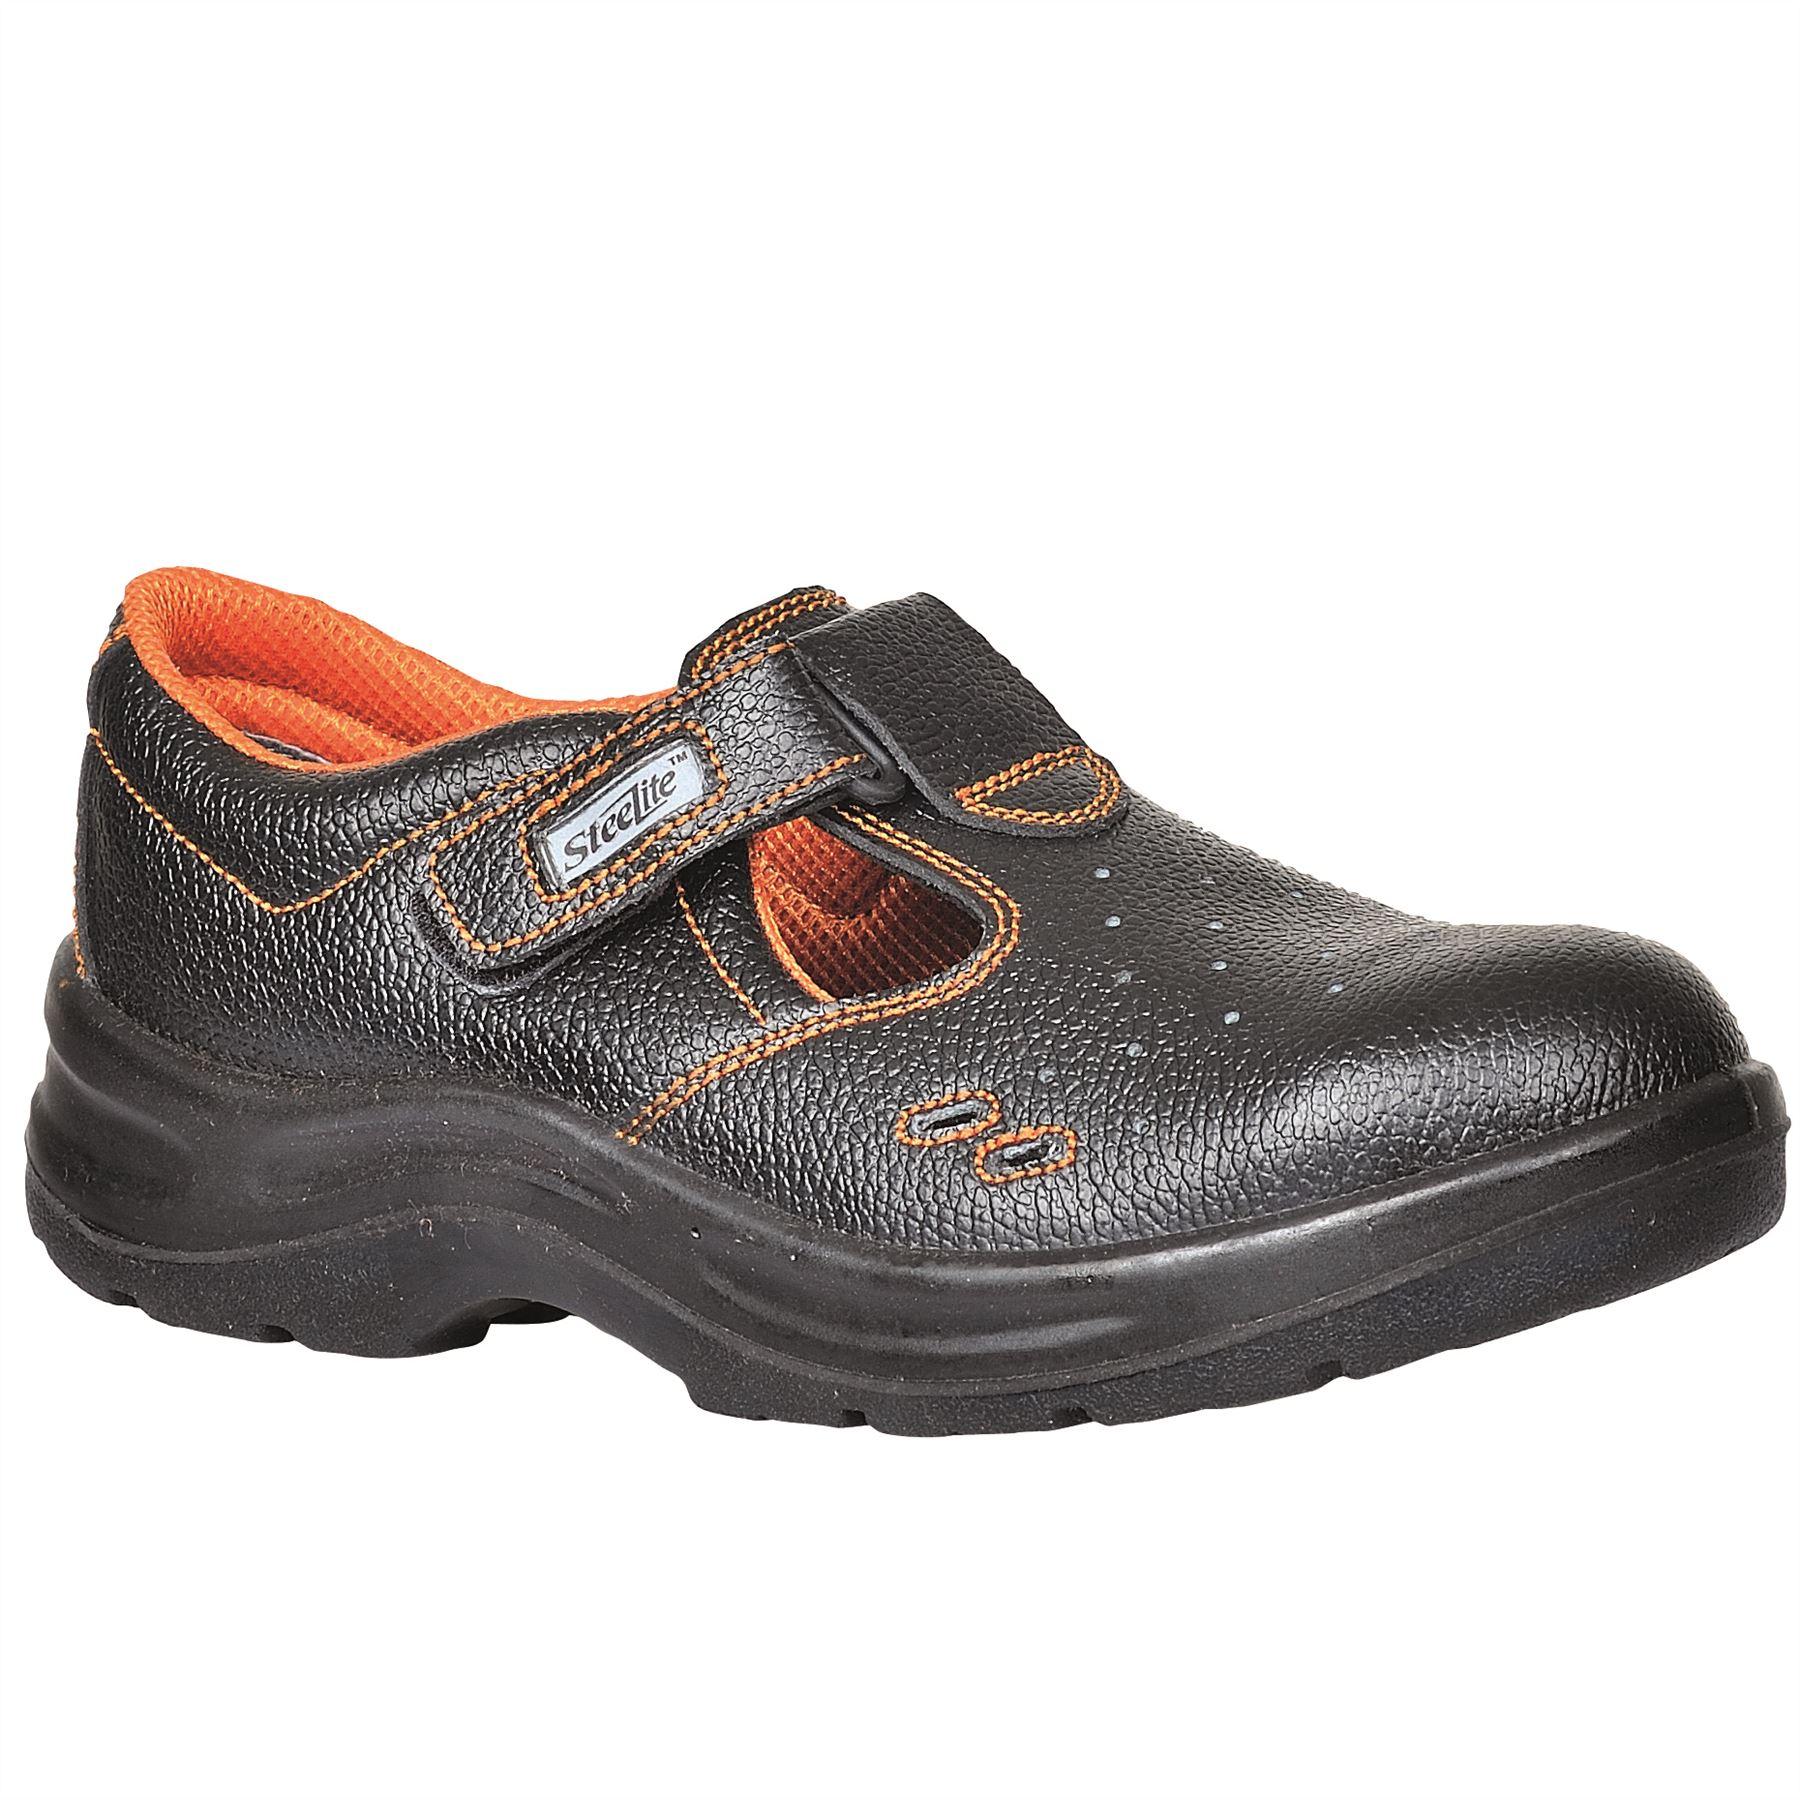 Botas Zapatos De Seguridad Portwest Ultra perforada Hook & Loop cierre Workwear FW86